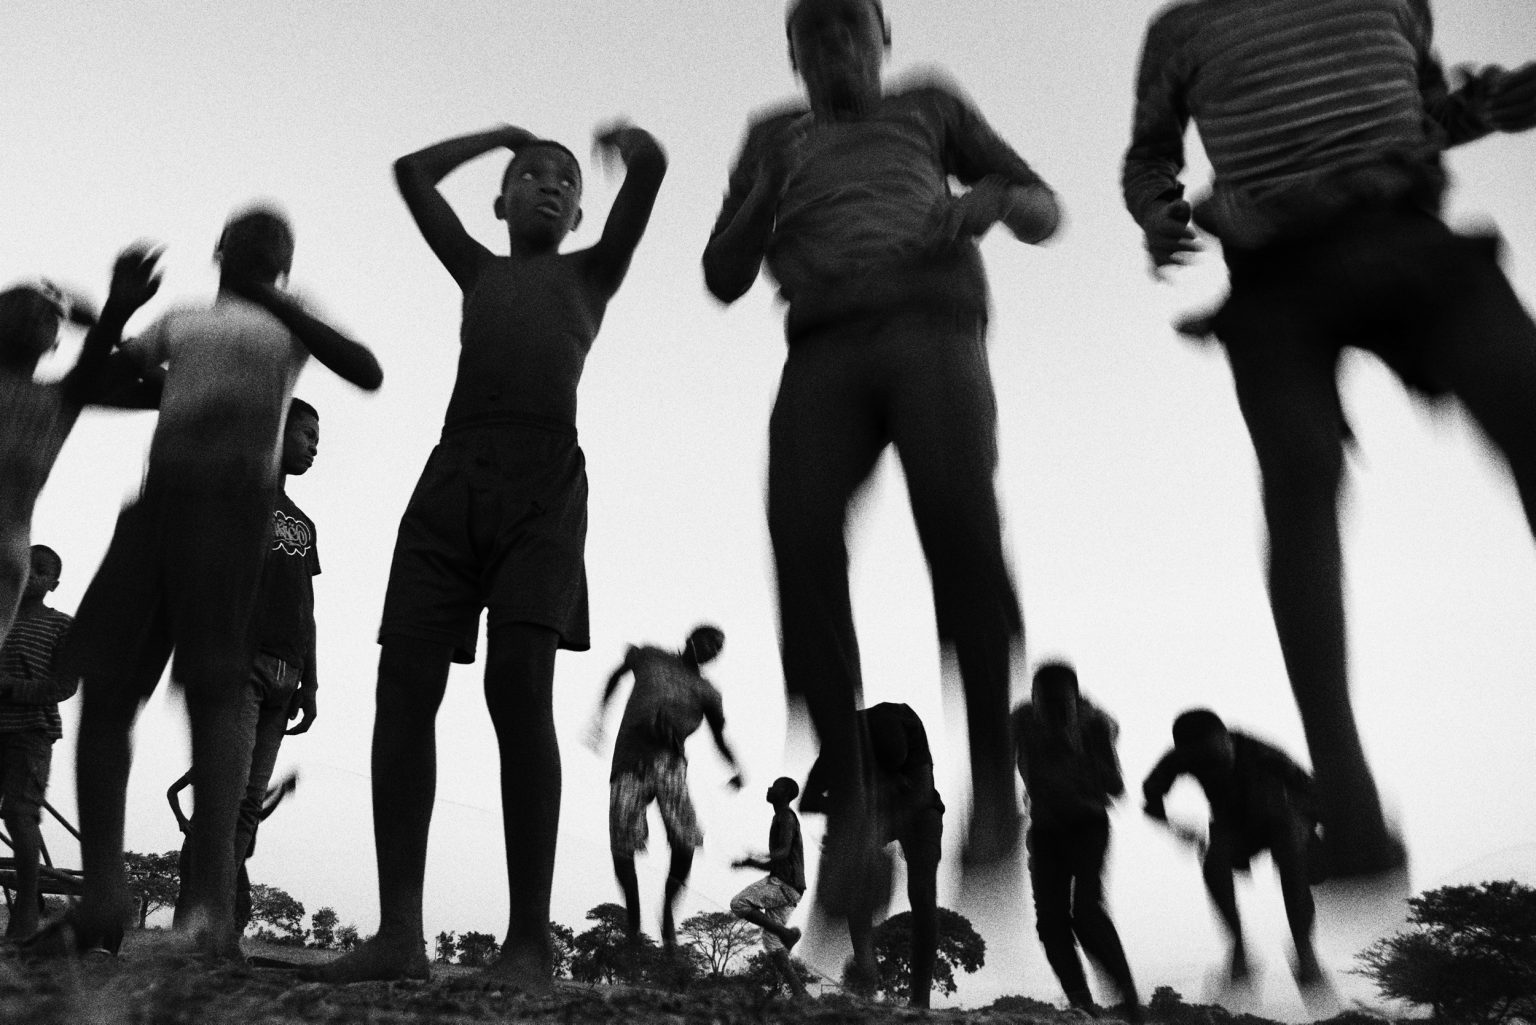 ragazzi di Mthunzi provano esercizi di acrobatica